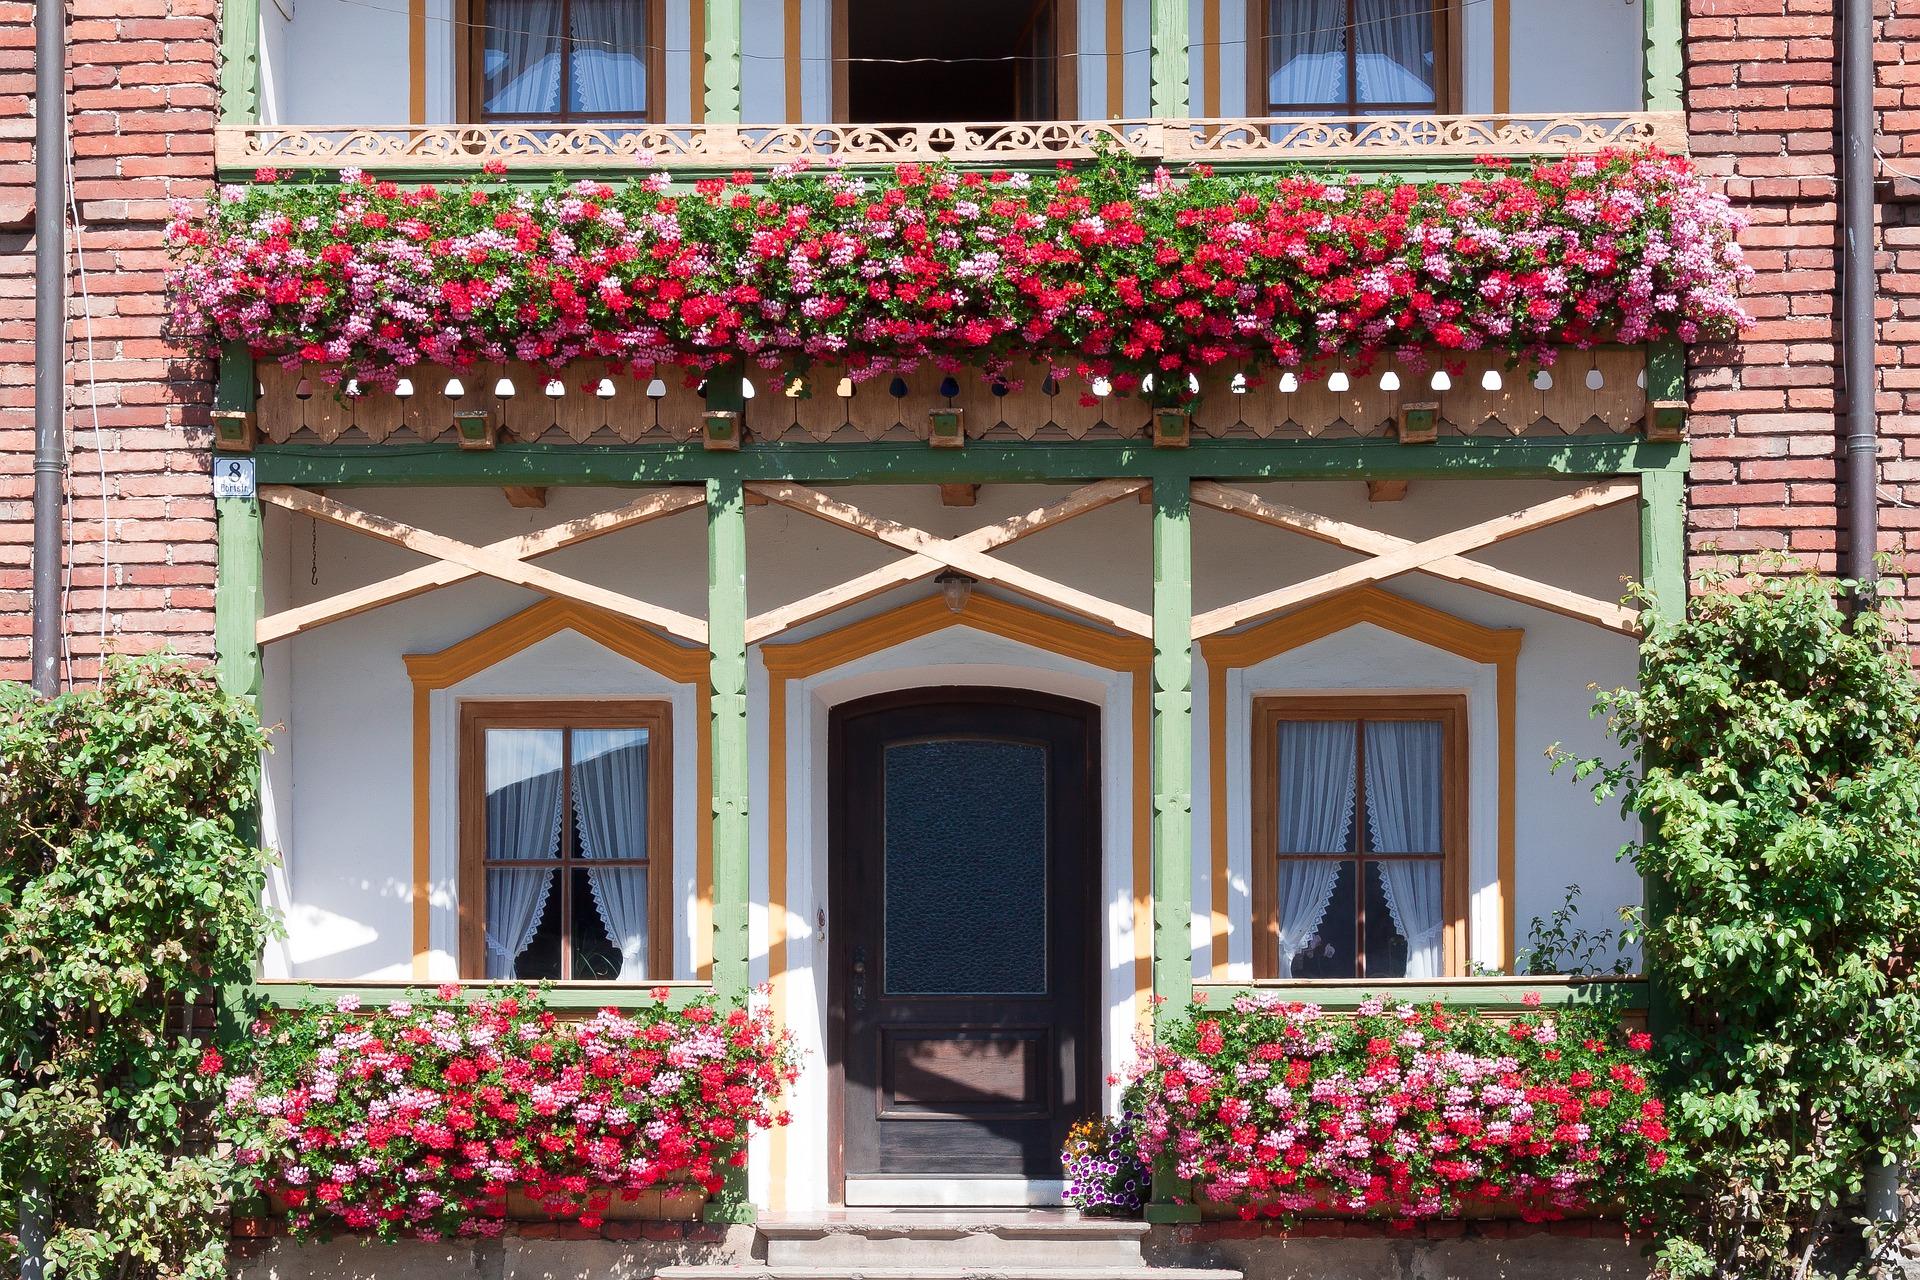 Fiori Da Balcone Ombra fiori da balcone: una cascata di colori in primavera